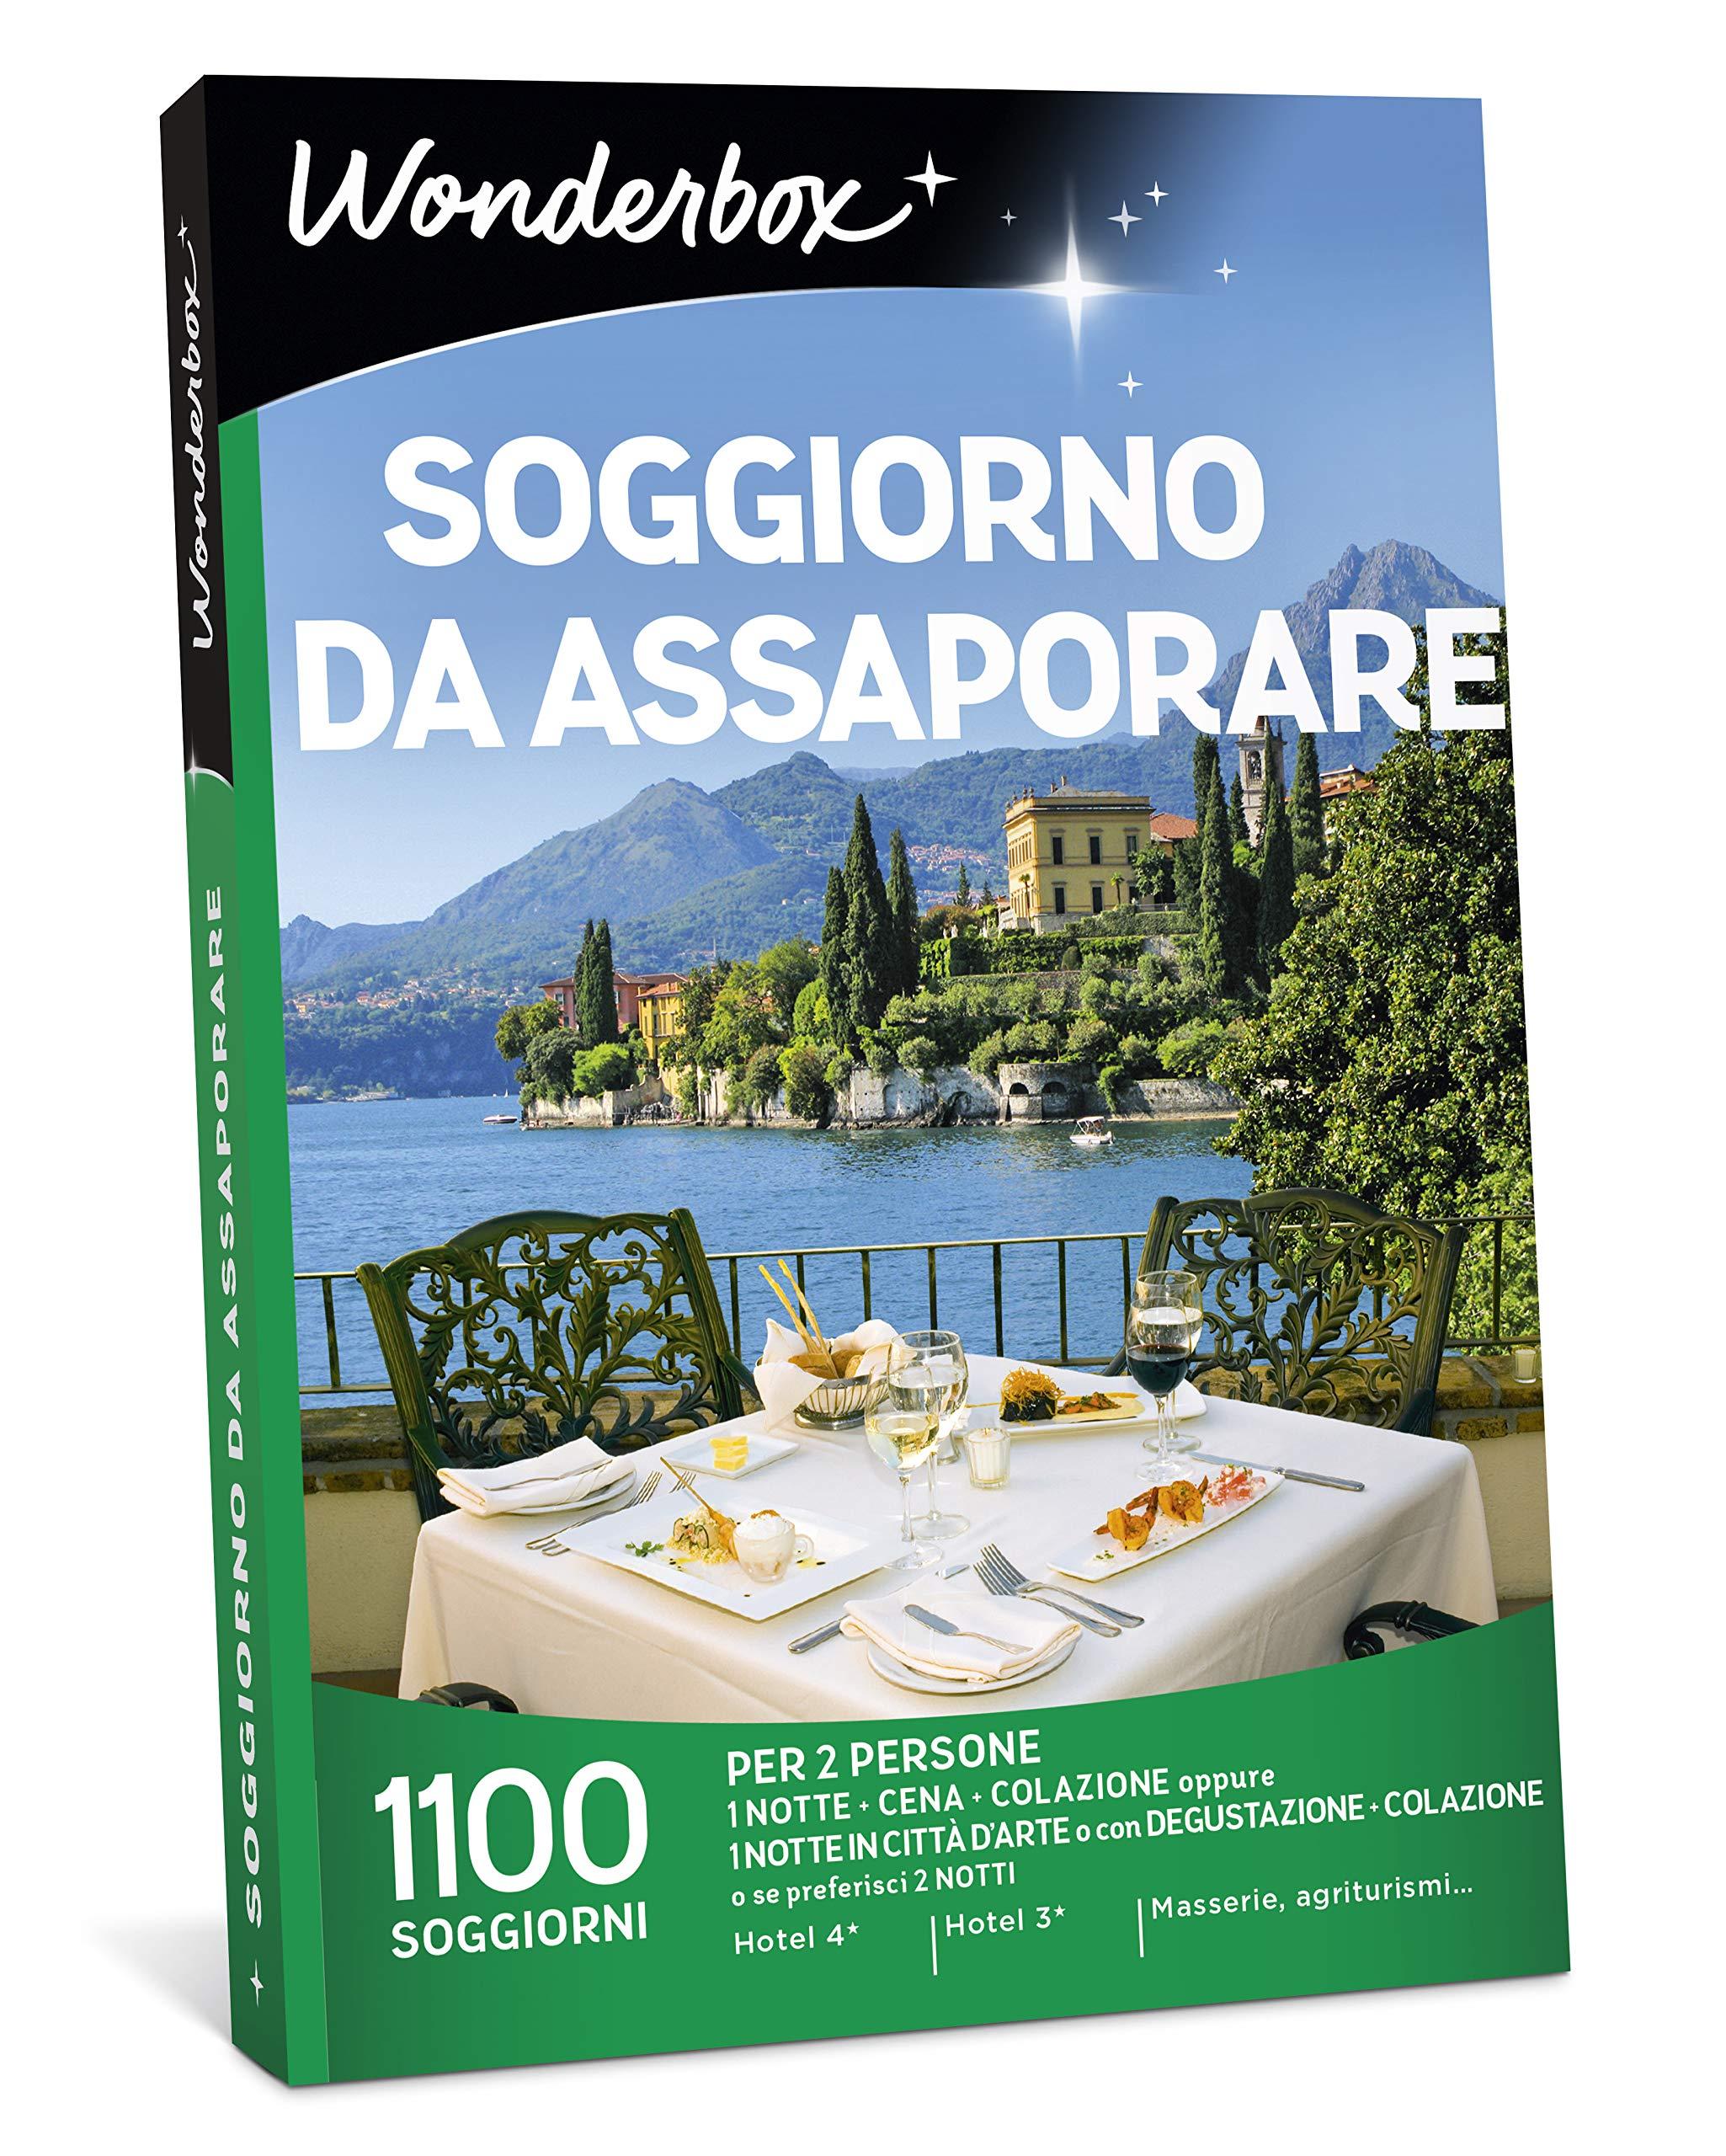 Wonderbox Cofanetto Regalo Soggiorno Da Assaporare 1100